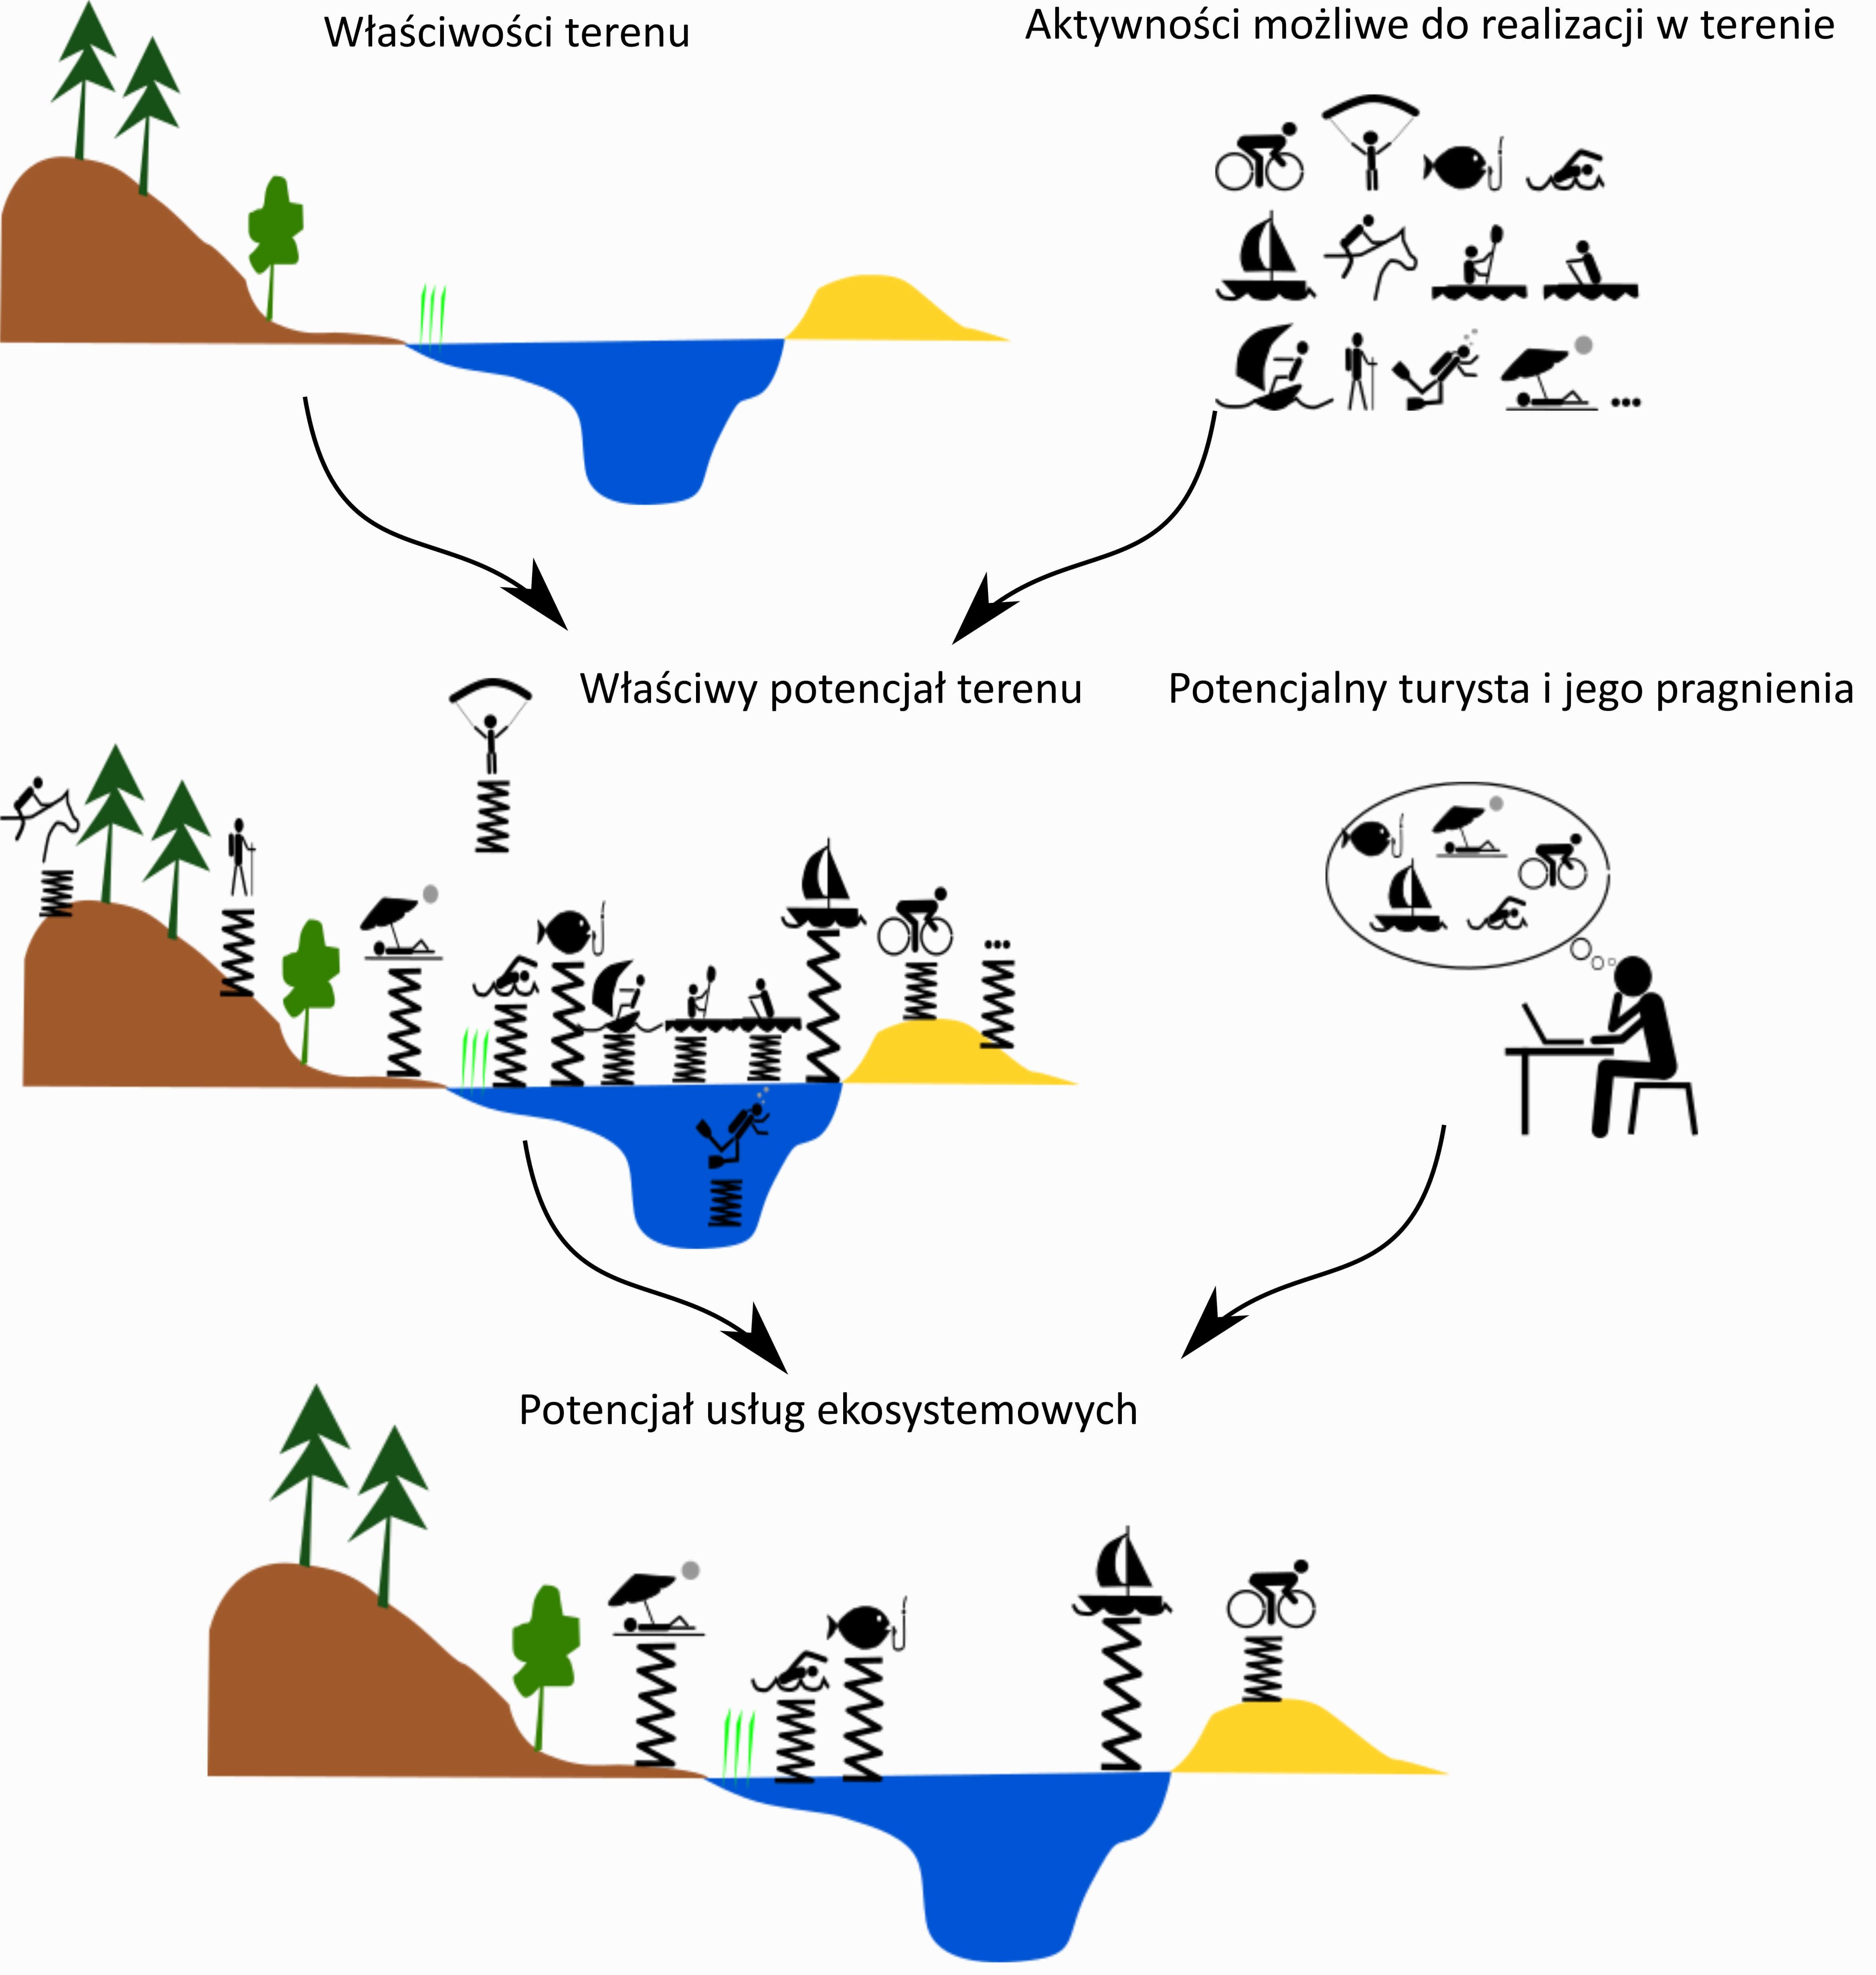 Rys. 2. Schemat określania potencjału właściwego terenu oraz potencjału usług ekosystemowych. Źródło: Woźniak E., Kulczyk E., Derek M., 2018, From intrinsic to service potential: An approach to assess tourism landscape potential, Landscape and Urban Planning, 170, 209-220